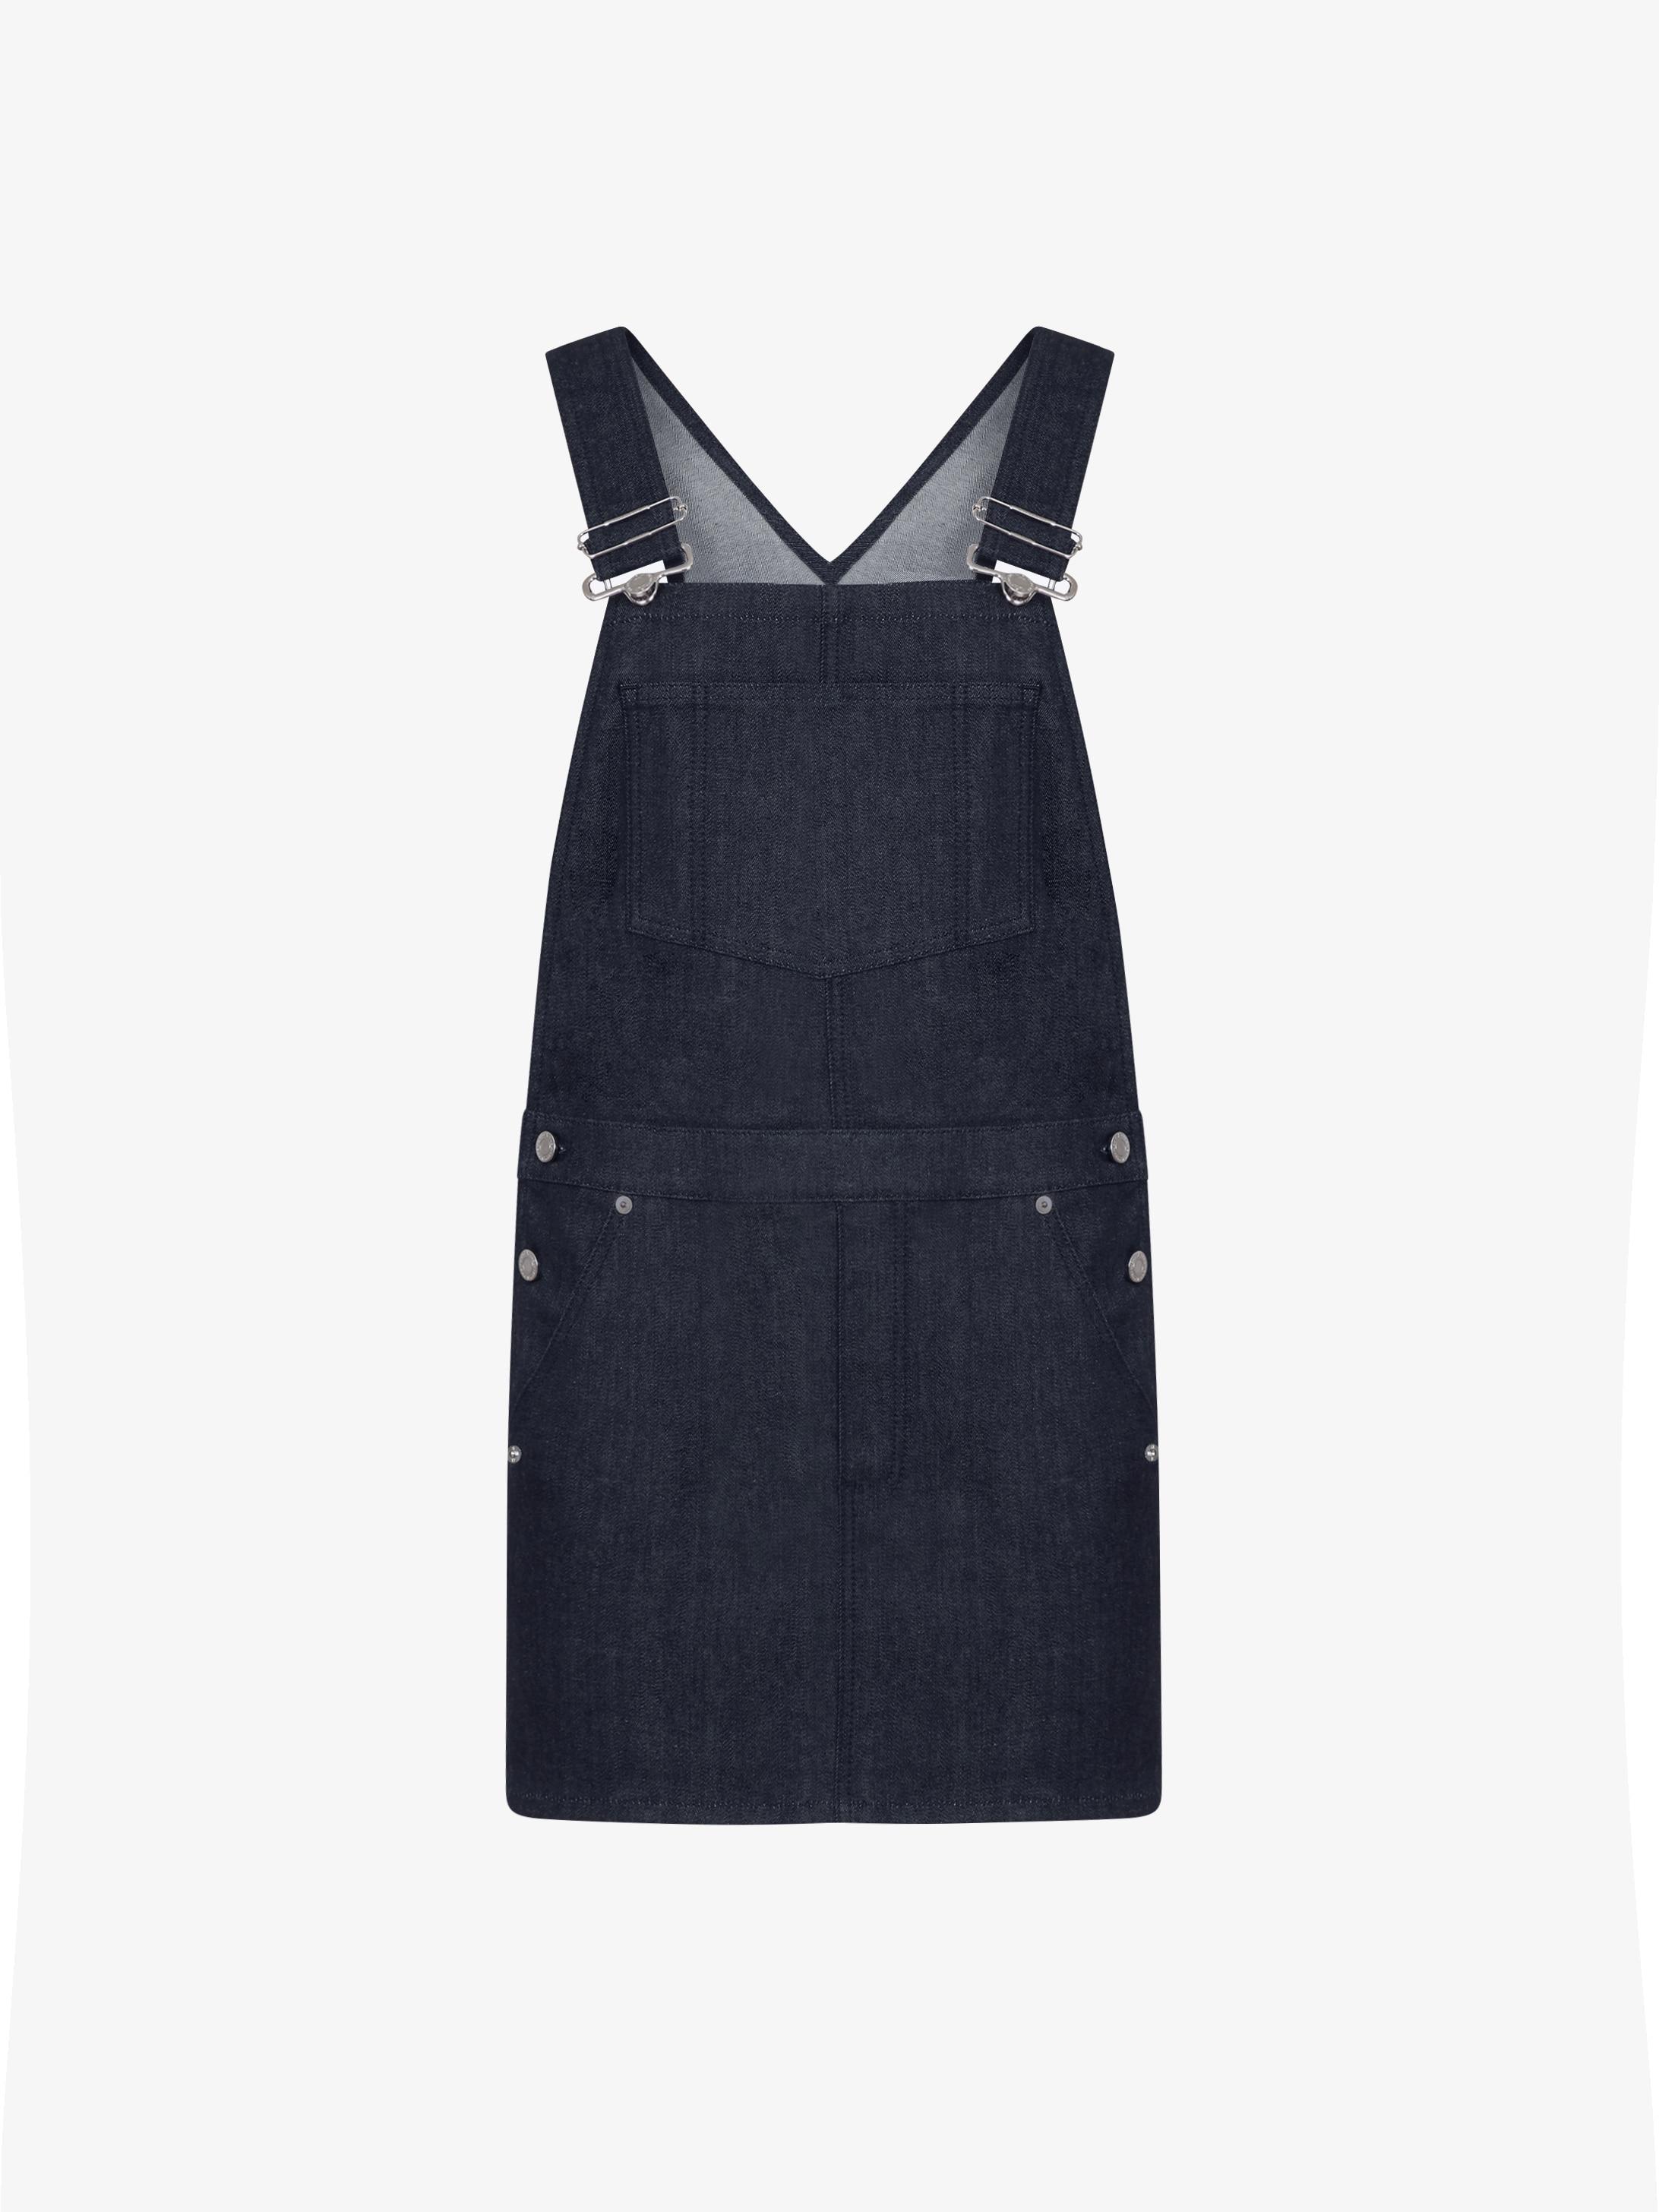 GIVENCHY PARIS overall denim dress